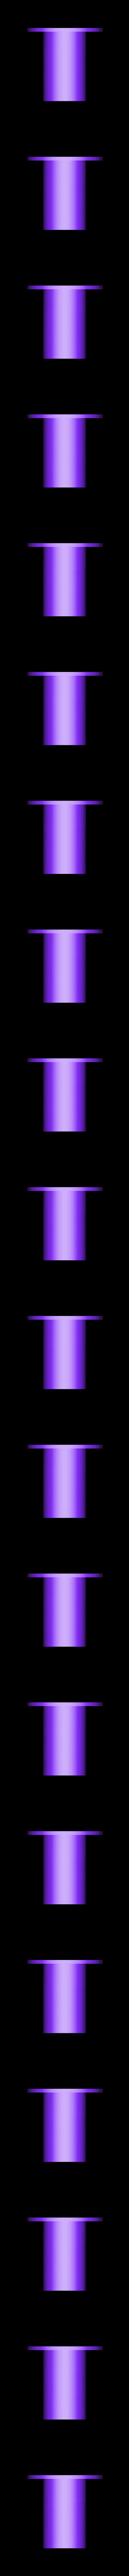 BUSHING_BODY.stl Télécharger fichier STL gratuit Alimentateur de filaments horizontaux pour la chambre d'impression • Plan à imprimer en 3D, theveel